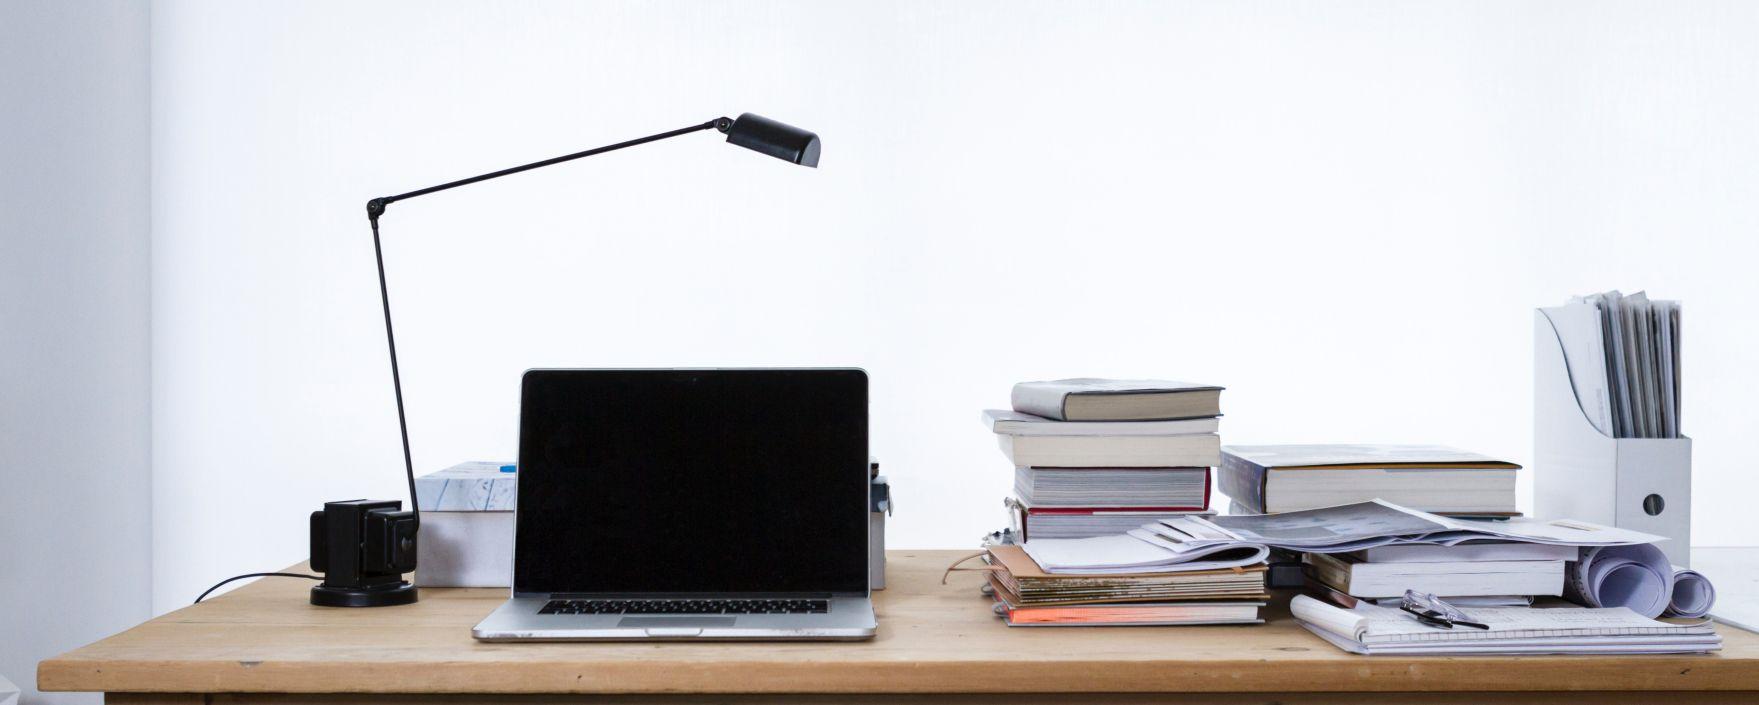 Felkészülés a pályázatíráshoz: laptop és könyvek egy asztalon